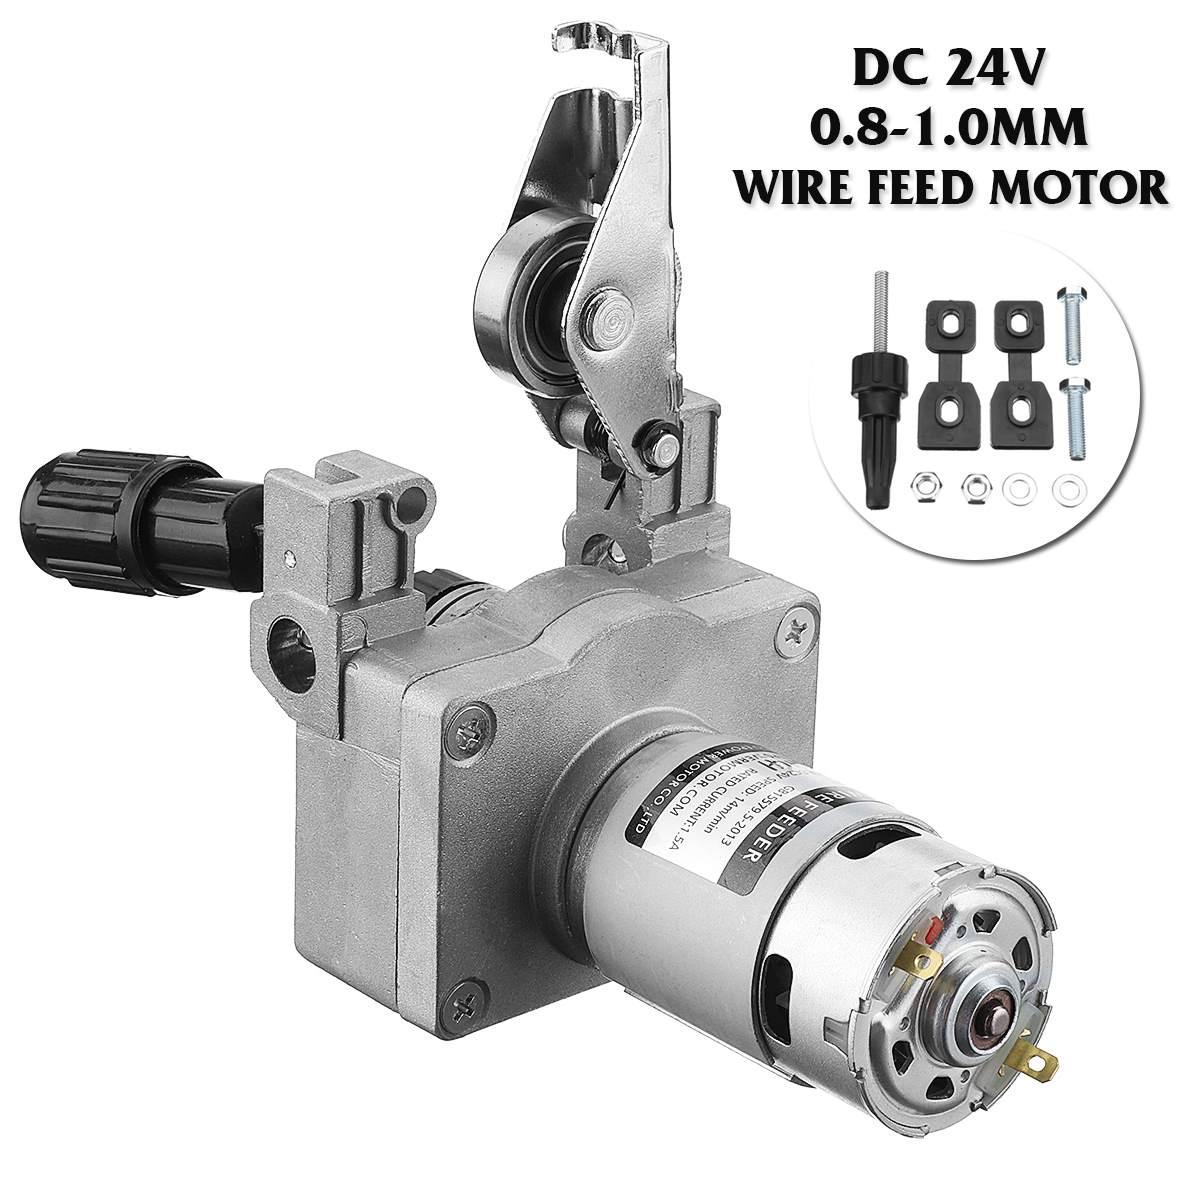 DC24V 0.8-1.0mm fil de soudage alimentation moteur ensemble d'alimentation Machine de soudage sans connecteur MIG-160